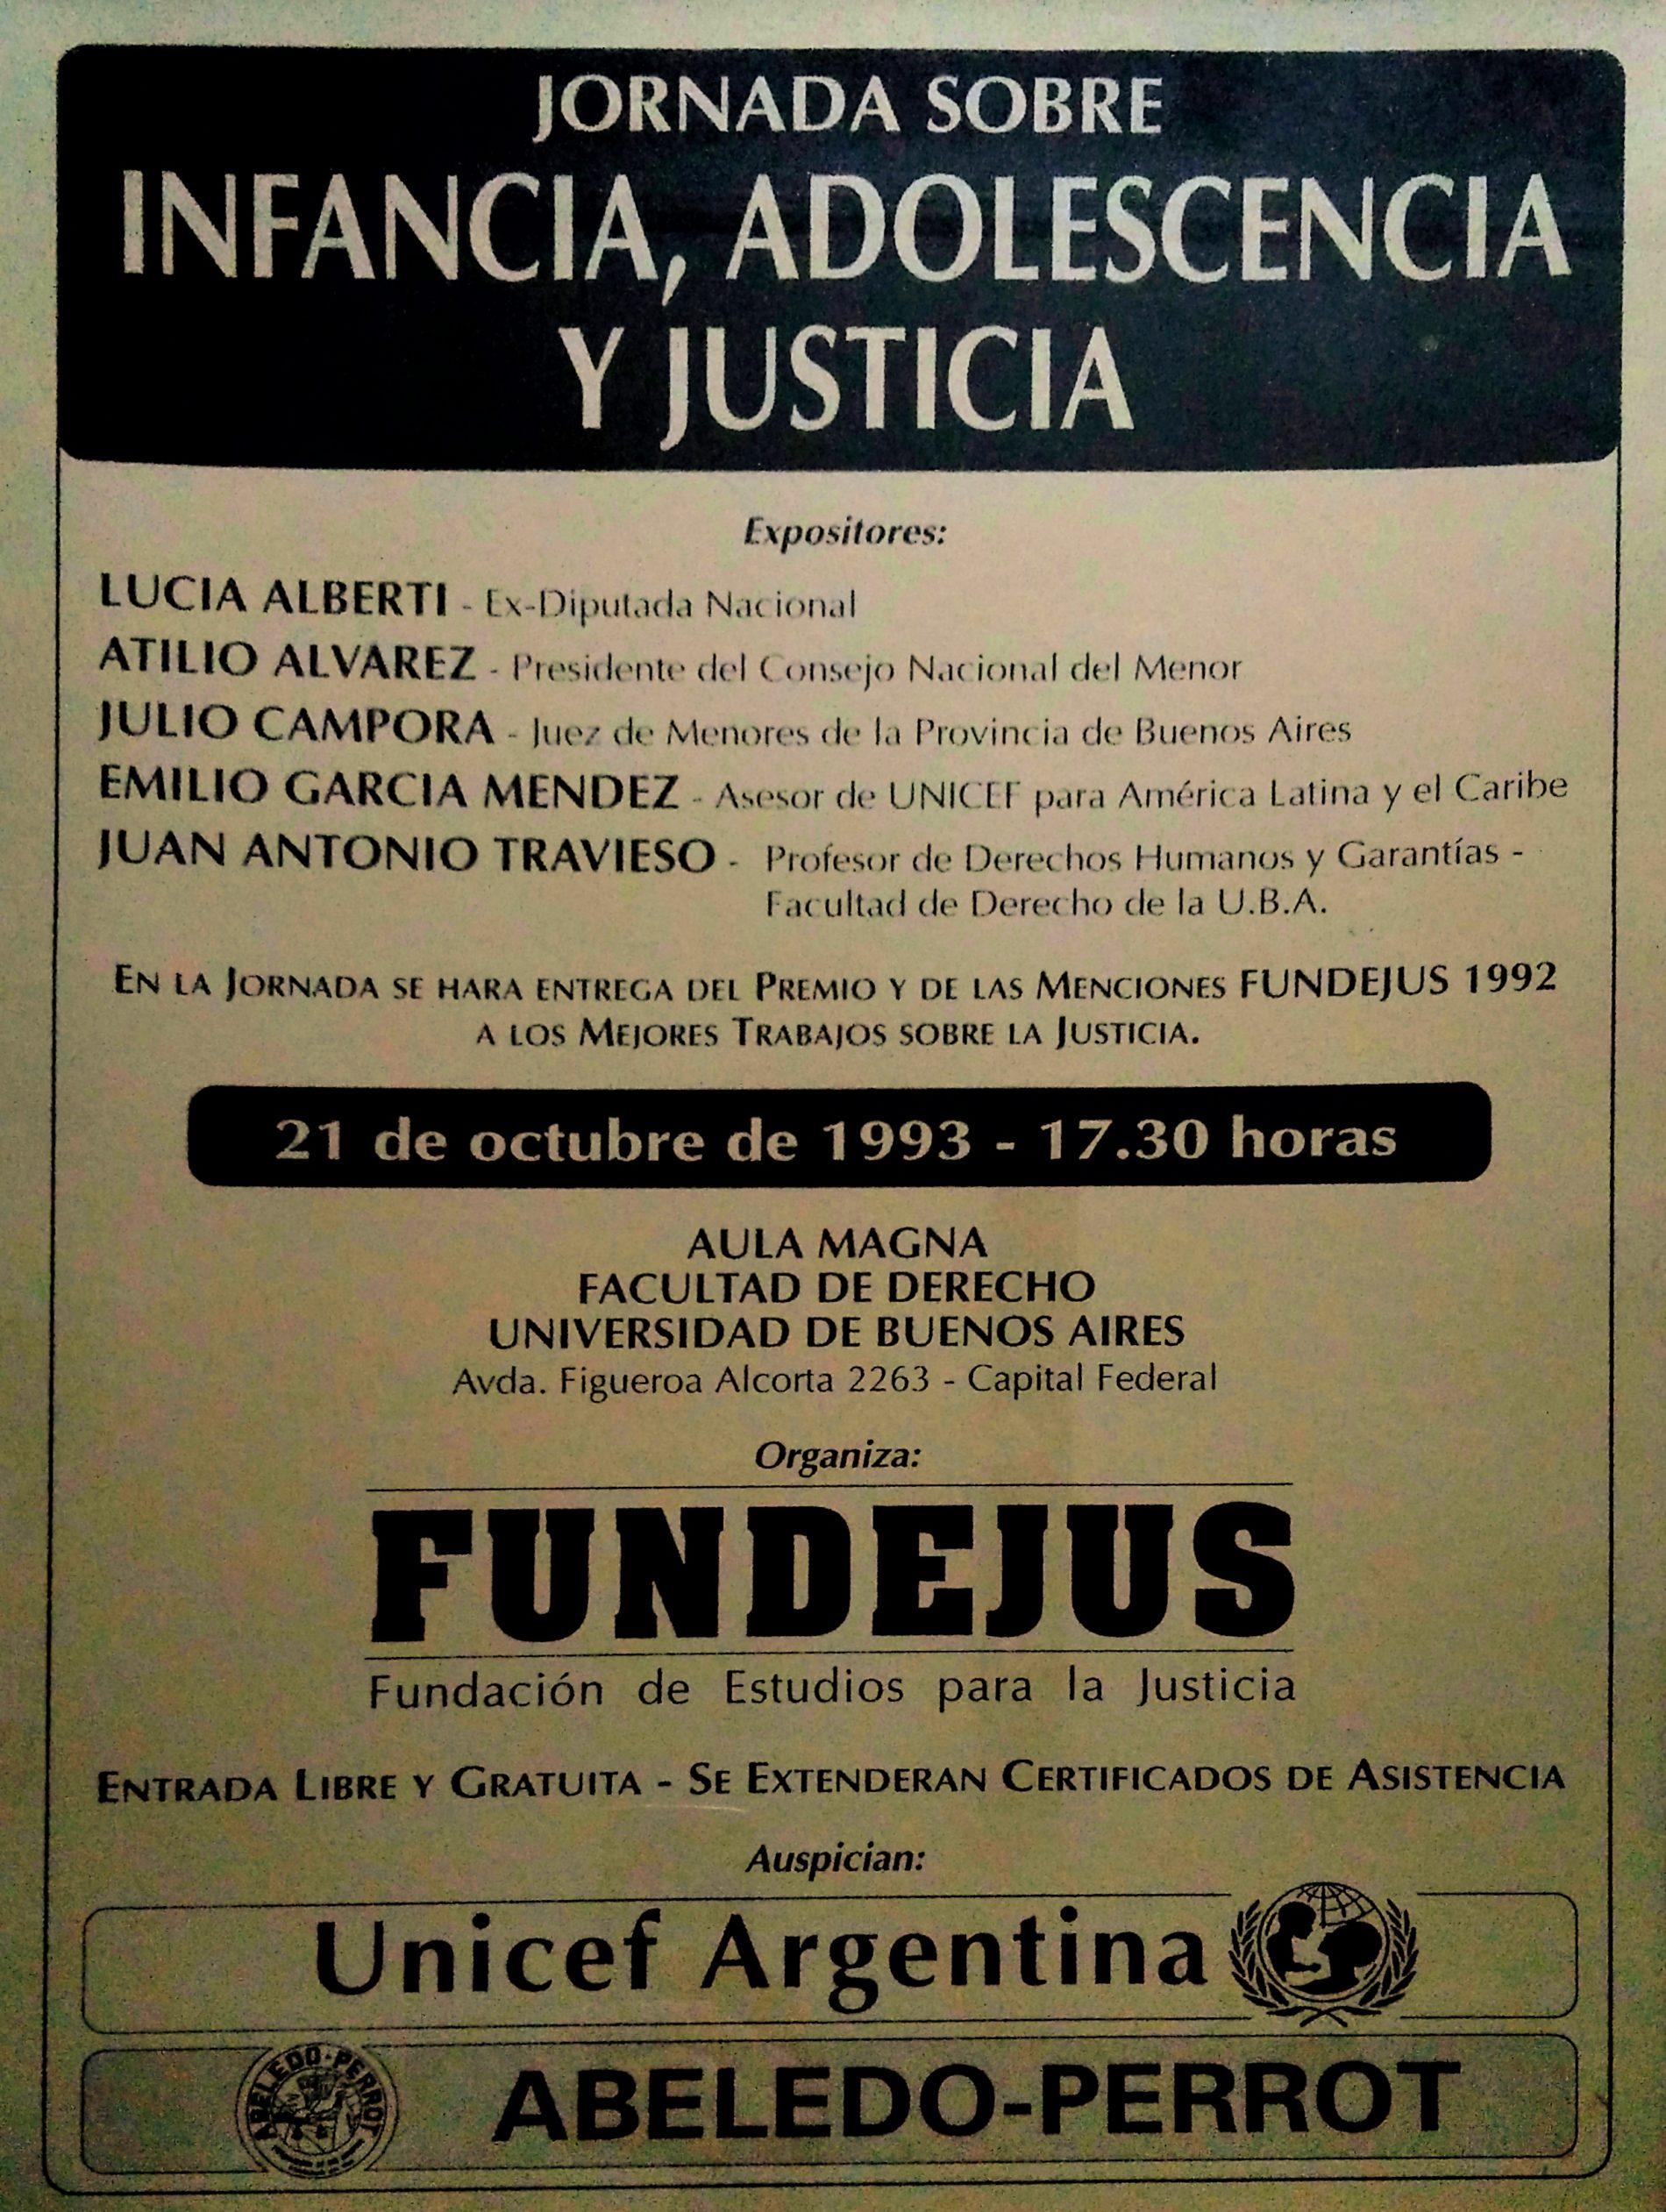 «Jornada sobre INFANCIA, ADOLESCENCIA Y JUSTICIA»